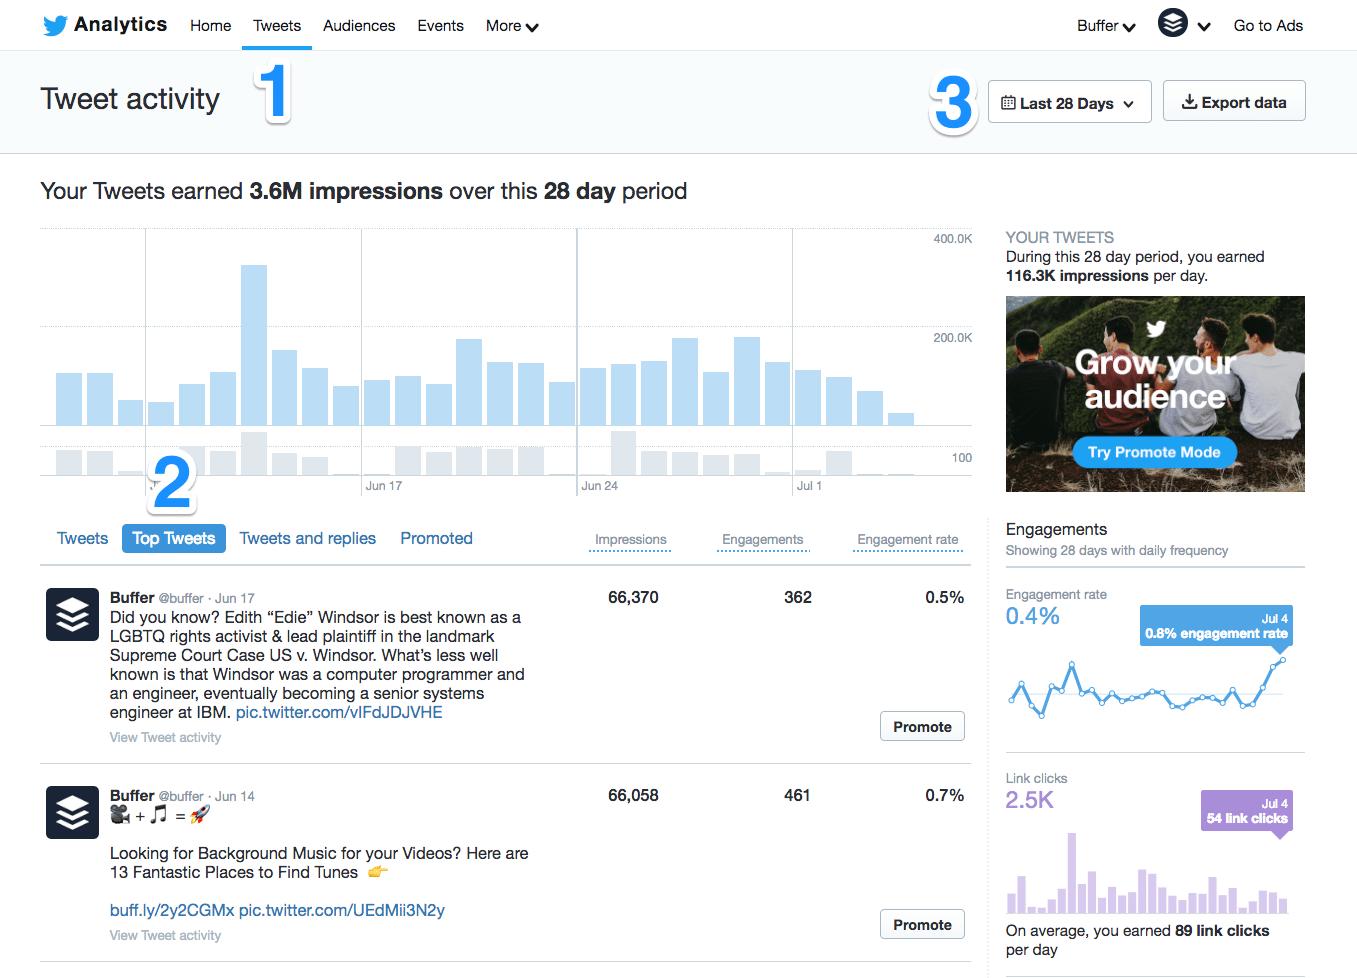 Twitter Analytics' Top Tweets